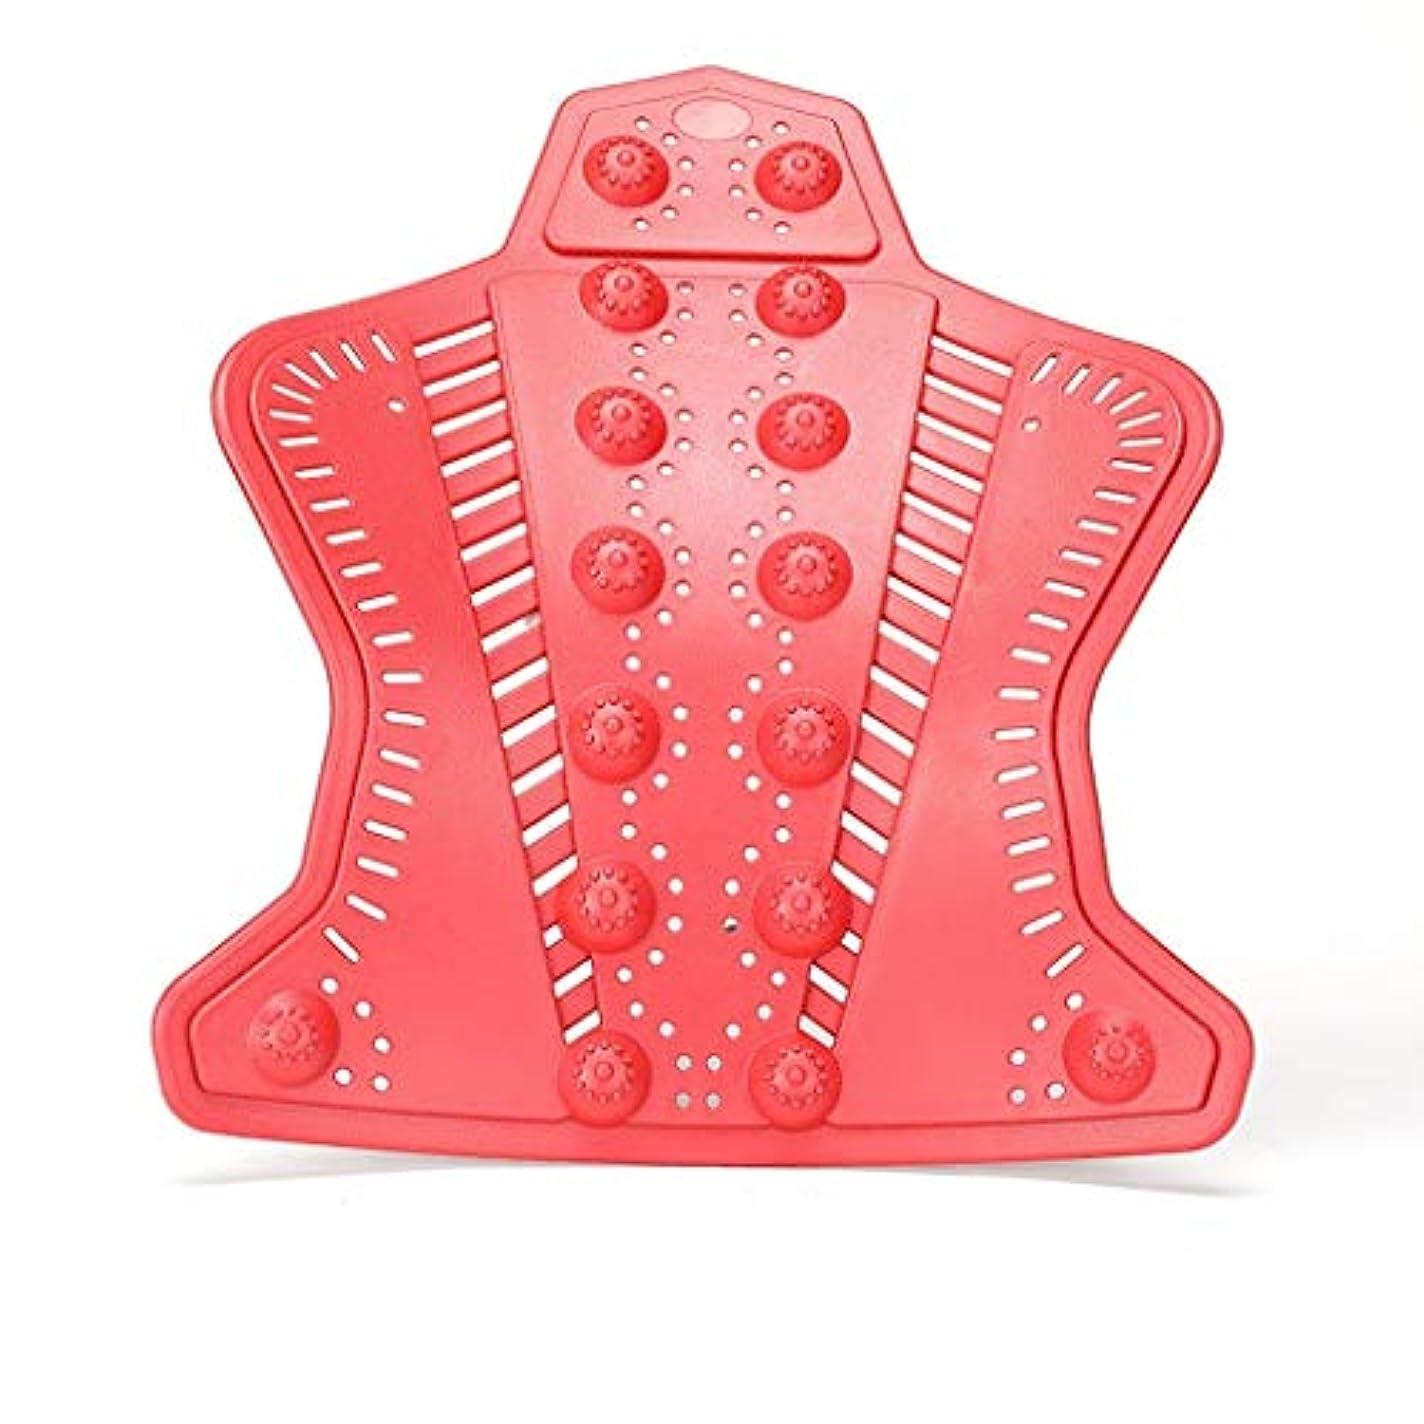 機関車感嘆符虹背中のマッサージストレッチャーストレッチマジックウエストサポート首リラックス脊椎の痛み頚椎腰椎牽引ザトウクジラデバイス,Red